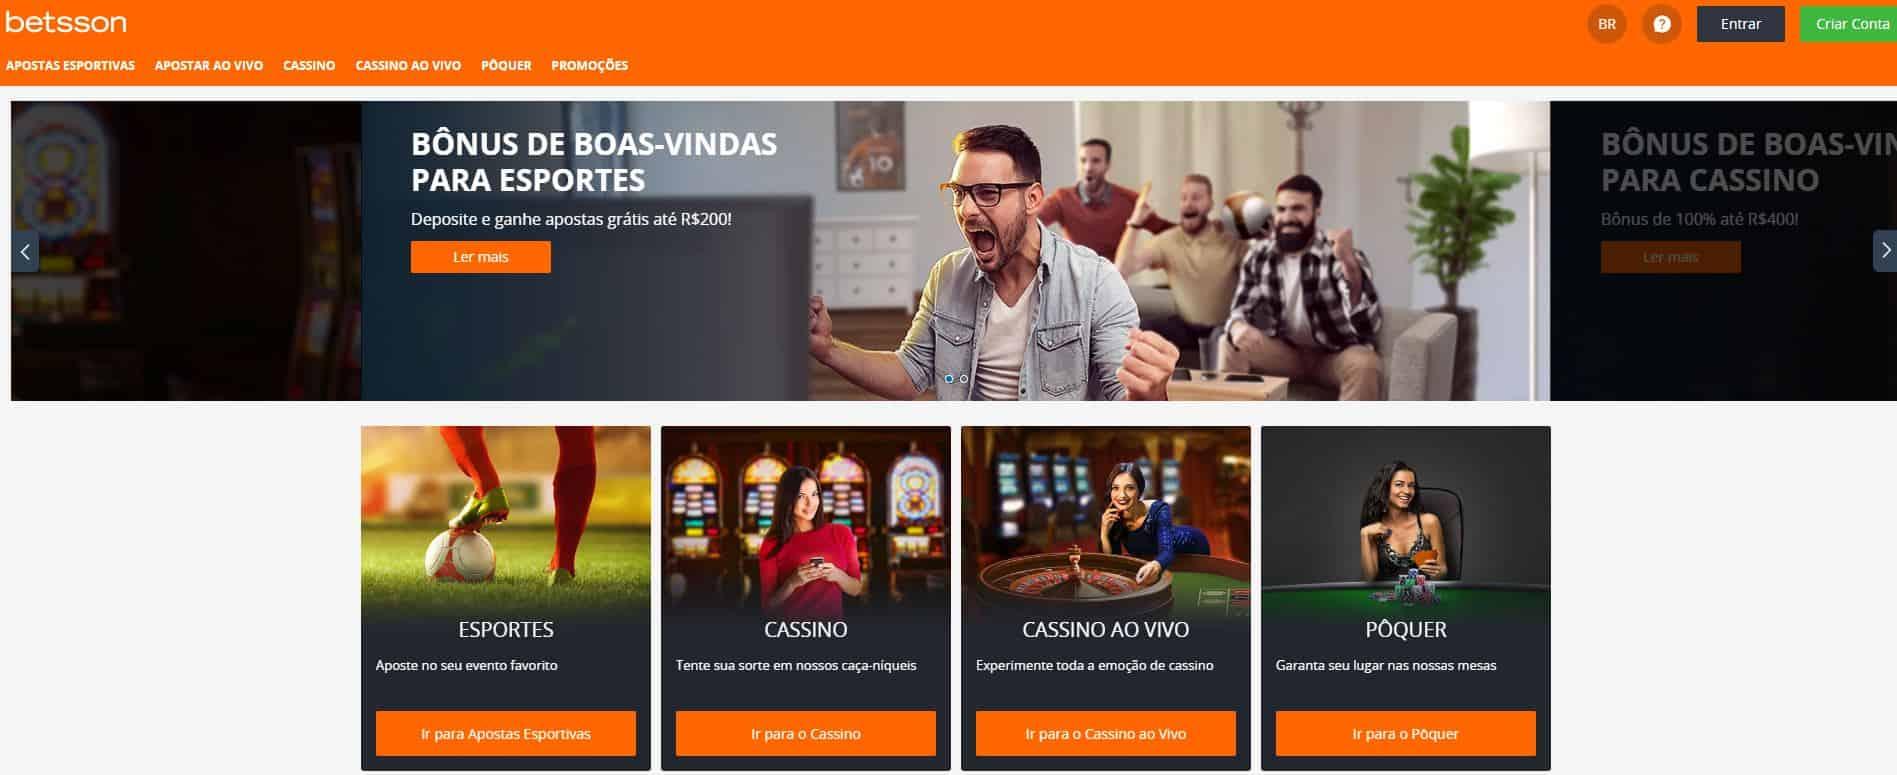 Melhores Jogos de Slot Machines Online em Betsson